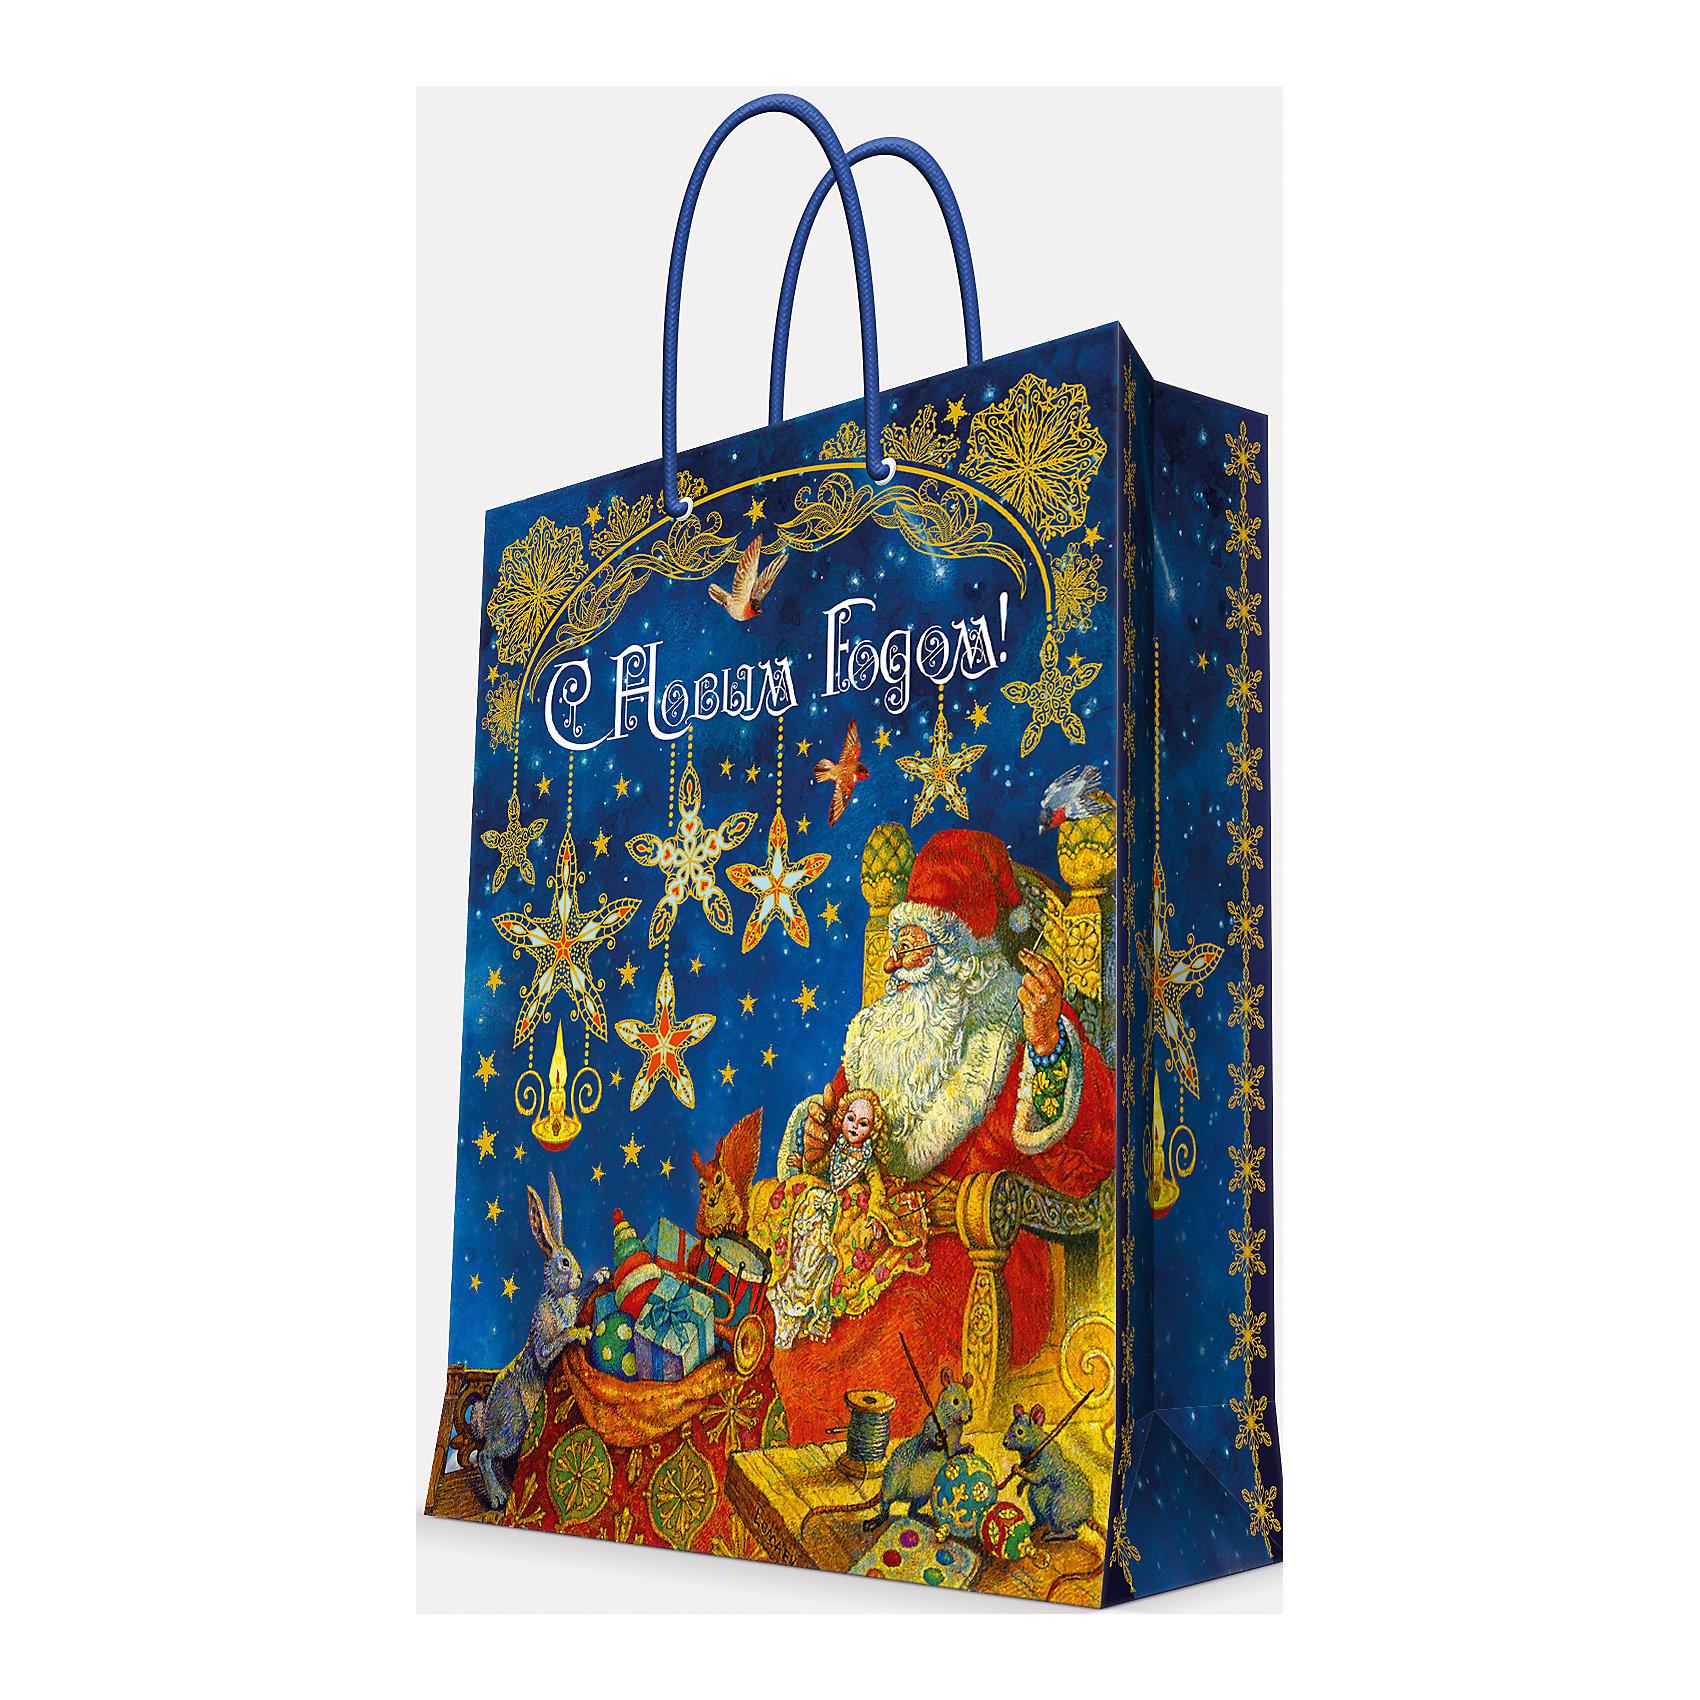 Подарочный пакет Мастерская Деда Мороза 17,8*22,9*9,8 смВсё для праздника<br>Предновогодние хлопоты многие любят даже больше самого праздника! Праздничное настроение создает украшенный дом, наряженная ёлка, запах мандаринов, предновогодняя суета и, конечно же, подарки! Чтобы сделать момент вручения приятнее, нужен красивый подарочный пакет.<br>Этот пакет украшен симпатичным универсальным рисунком, поэтому в него можно упаковать подарок и родственнику, и коллеге. Он сделан из безопасного для детей, прочного, но легкого, материала. Создайте с ним праздничное настроение себе и близким!<br><br>Дополнительная информация:<br><br>плотность бумаги: 140 г/м2;<br>размер: 18 х 23 х 10 см;<br>с ламинацией;<br>украшен рисунком.<br><br>Подарочный пакет Мастерская Деда Мороза 17,8*22,9*9,8 см можно купить в нашем магазине.<br><br>Ширина мм: 178<br>Глубина мм: 229<br>Высота мм: 98<br>Вес г: 39<br>Возраст от месяцев: 36<br>Возраст до месяцев: 2147483647<br>Пол: Унисекс<br>Возраст: Детский<br>SKU: 4981592